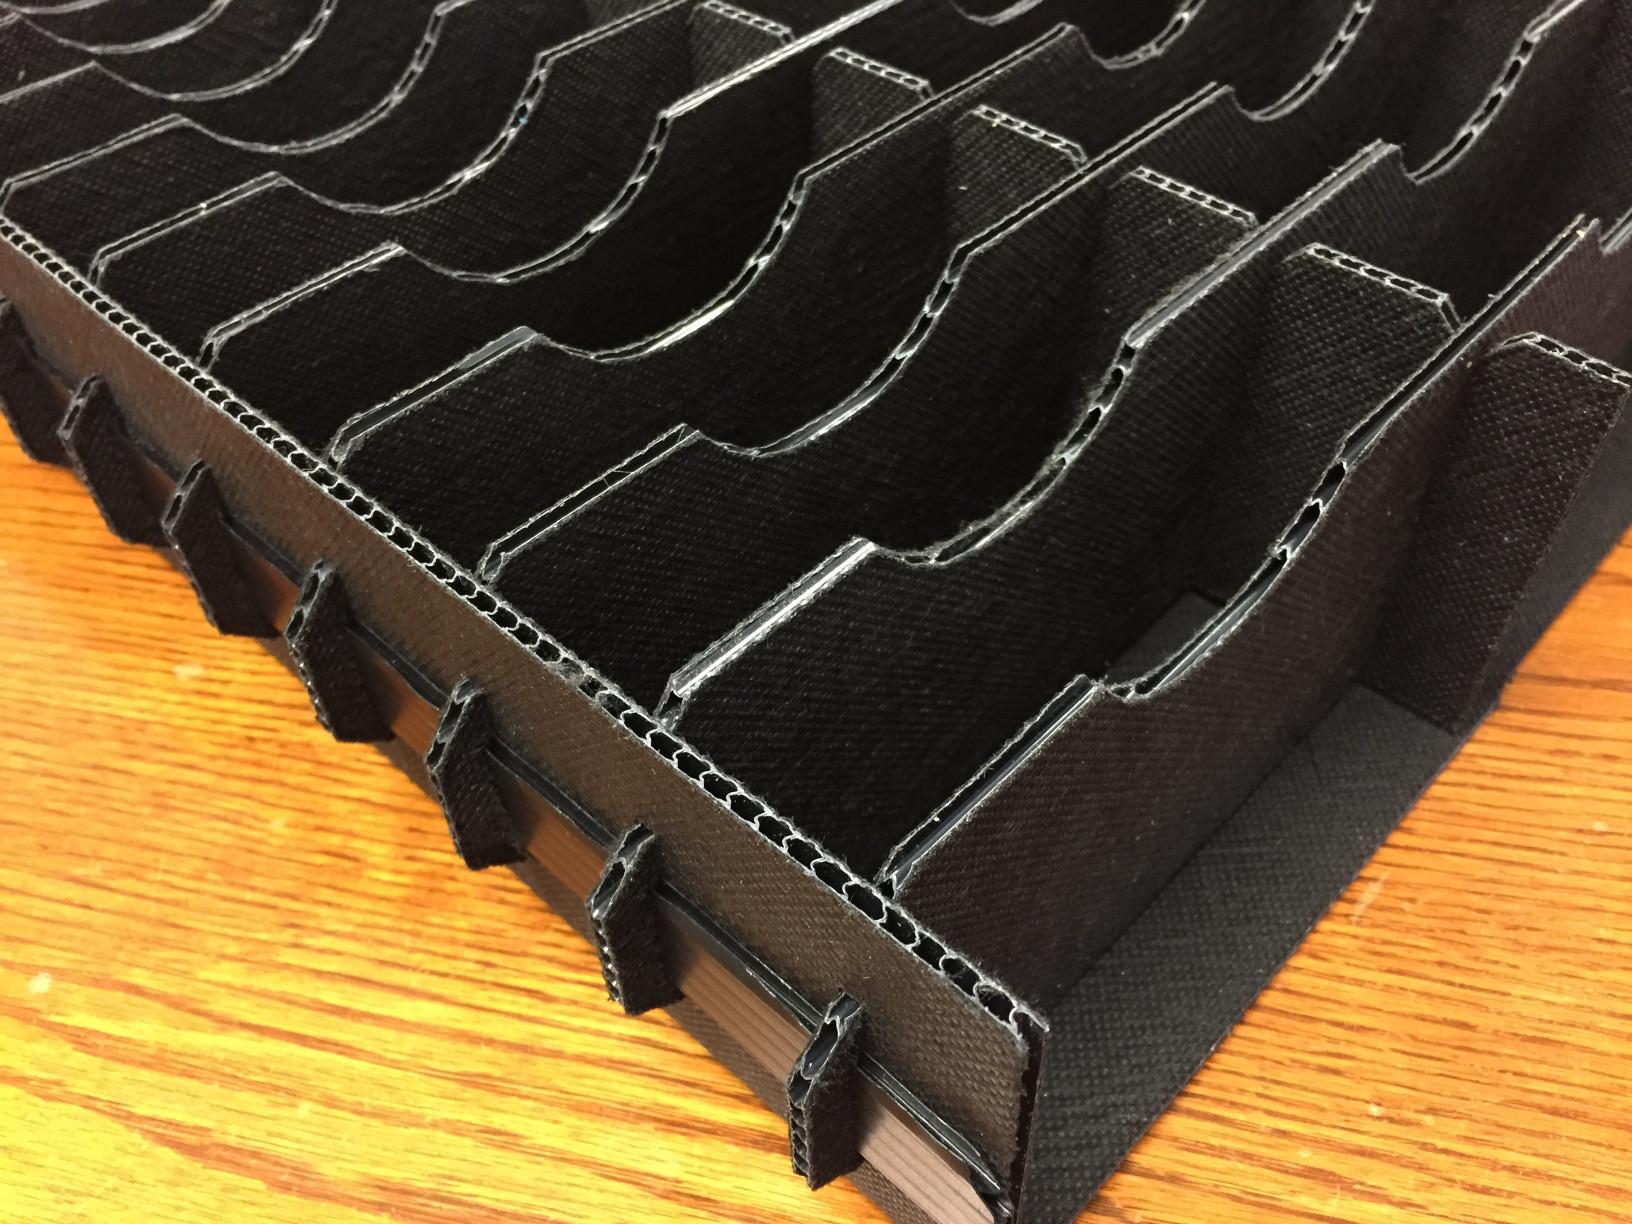 tray-part-med-1b